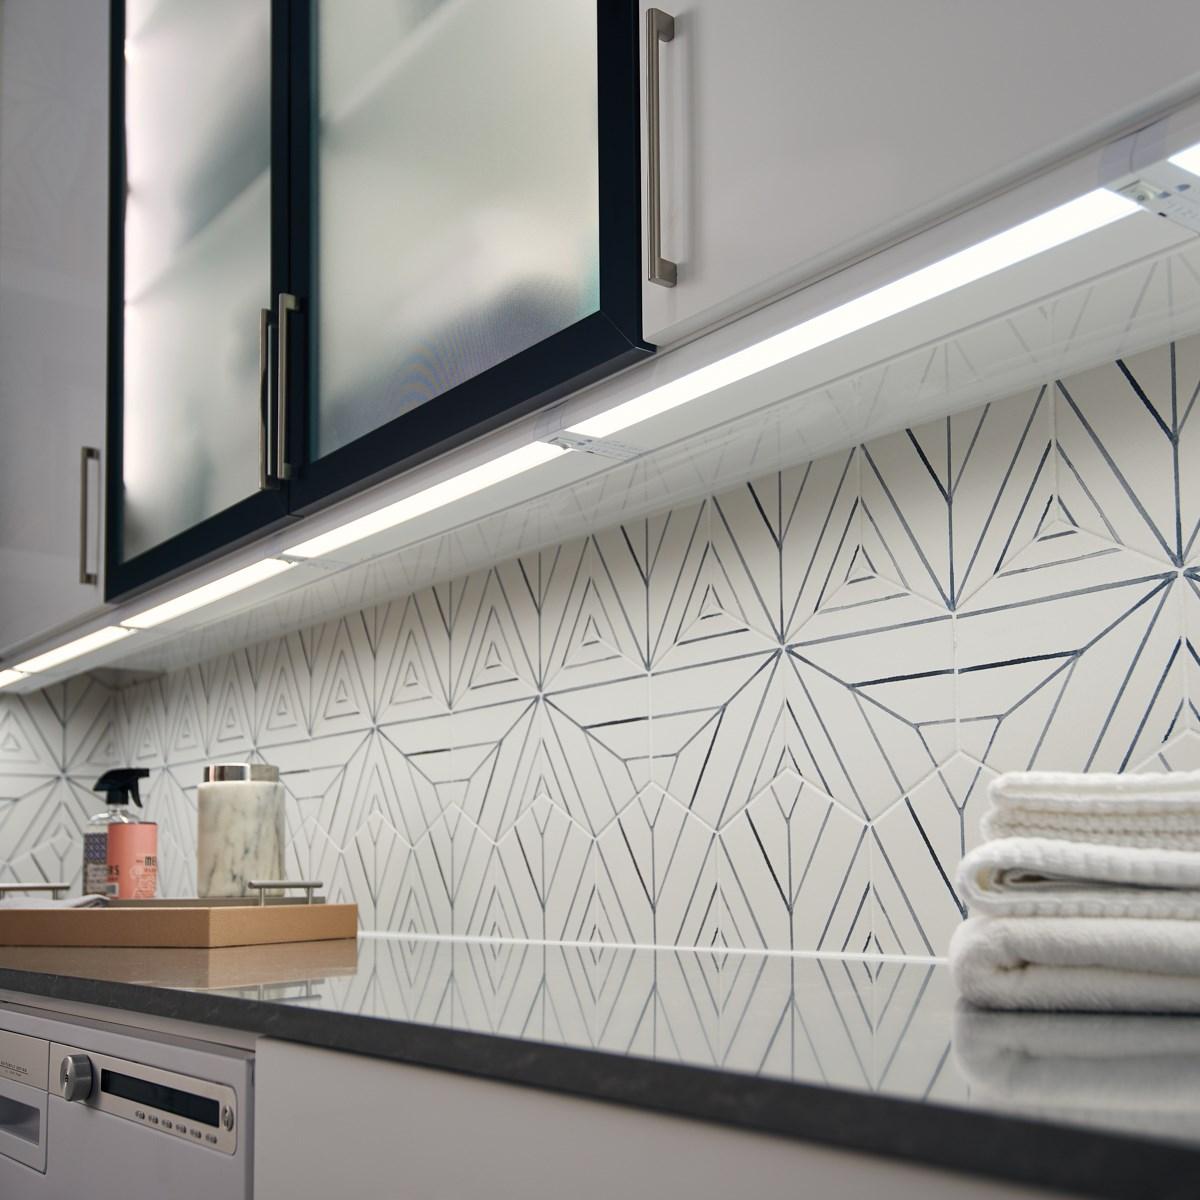 4u 22 3000k Led Cabinet Light Textured